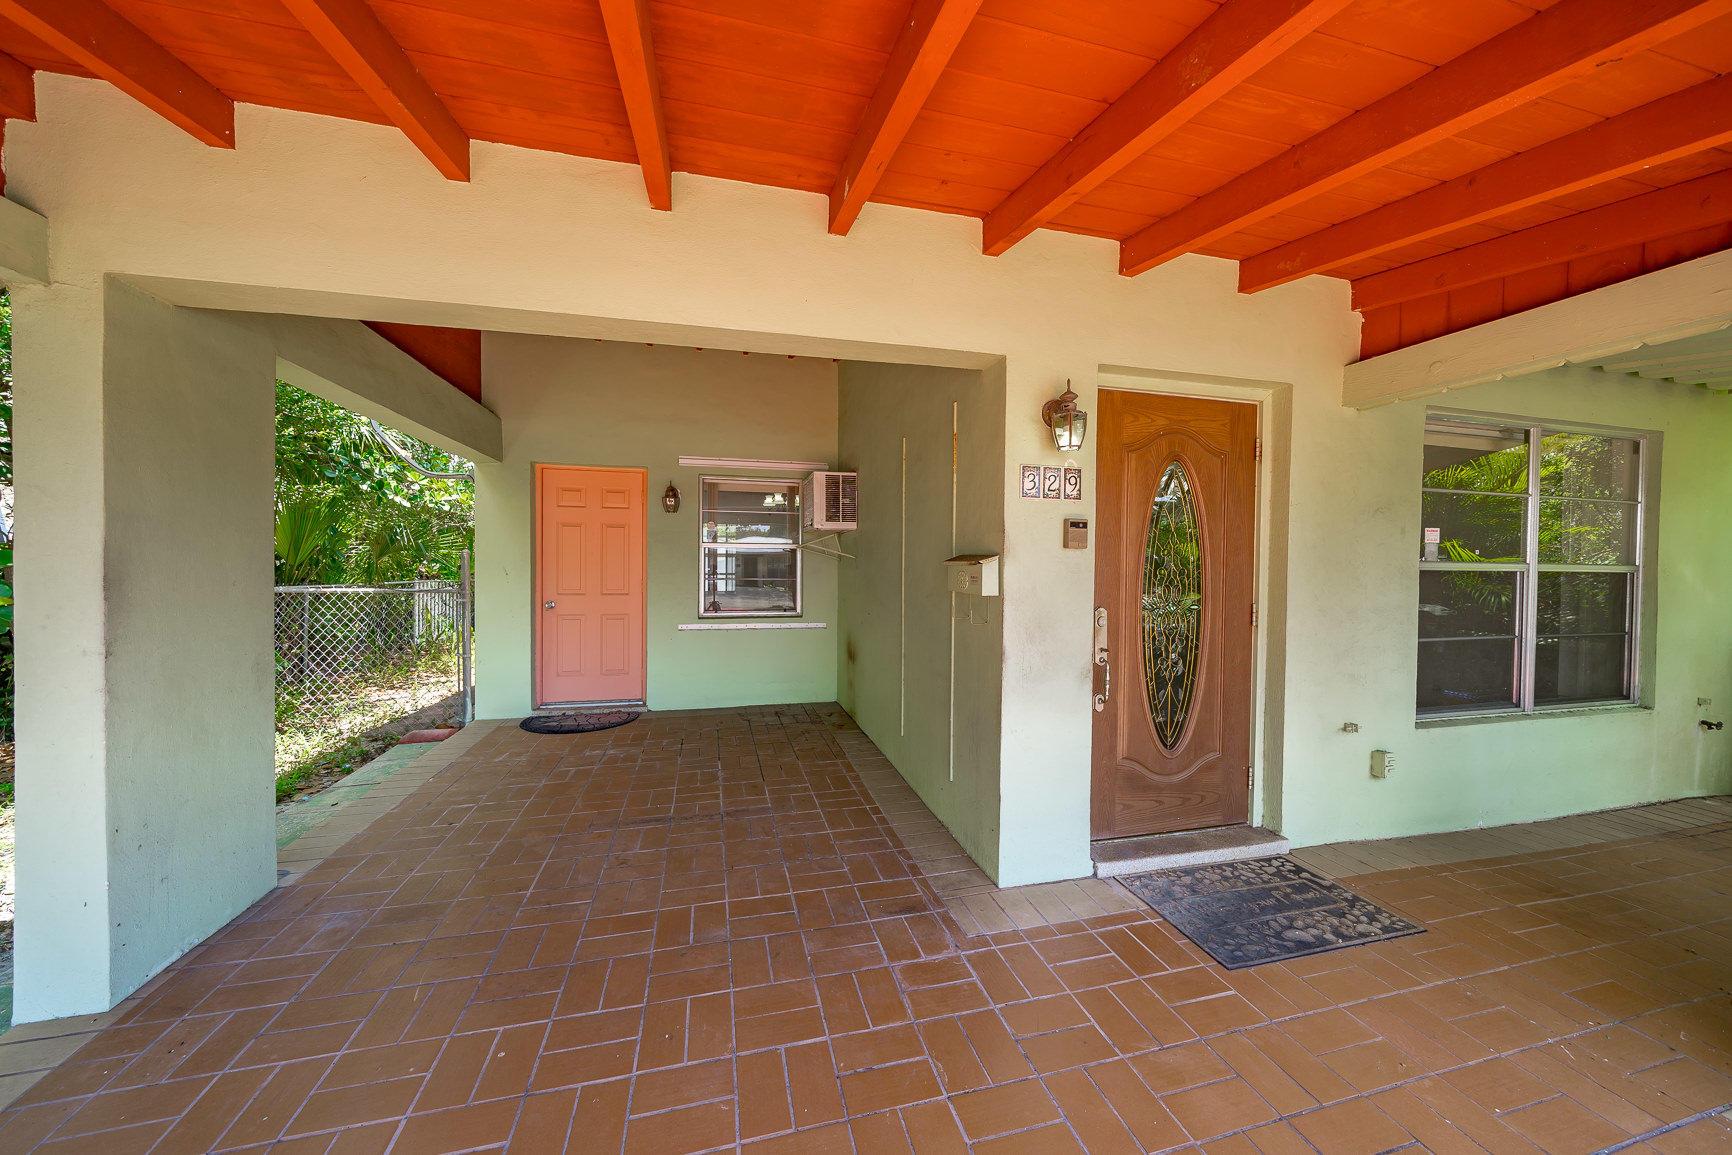 Home for sale in BOCA RATONE HGHTS Boca Raton Florida